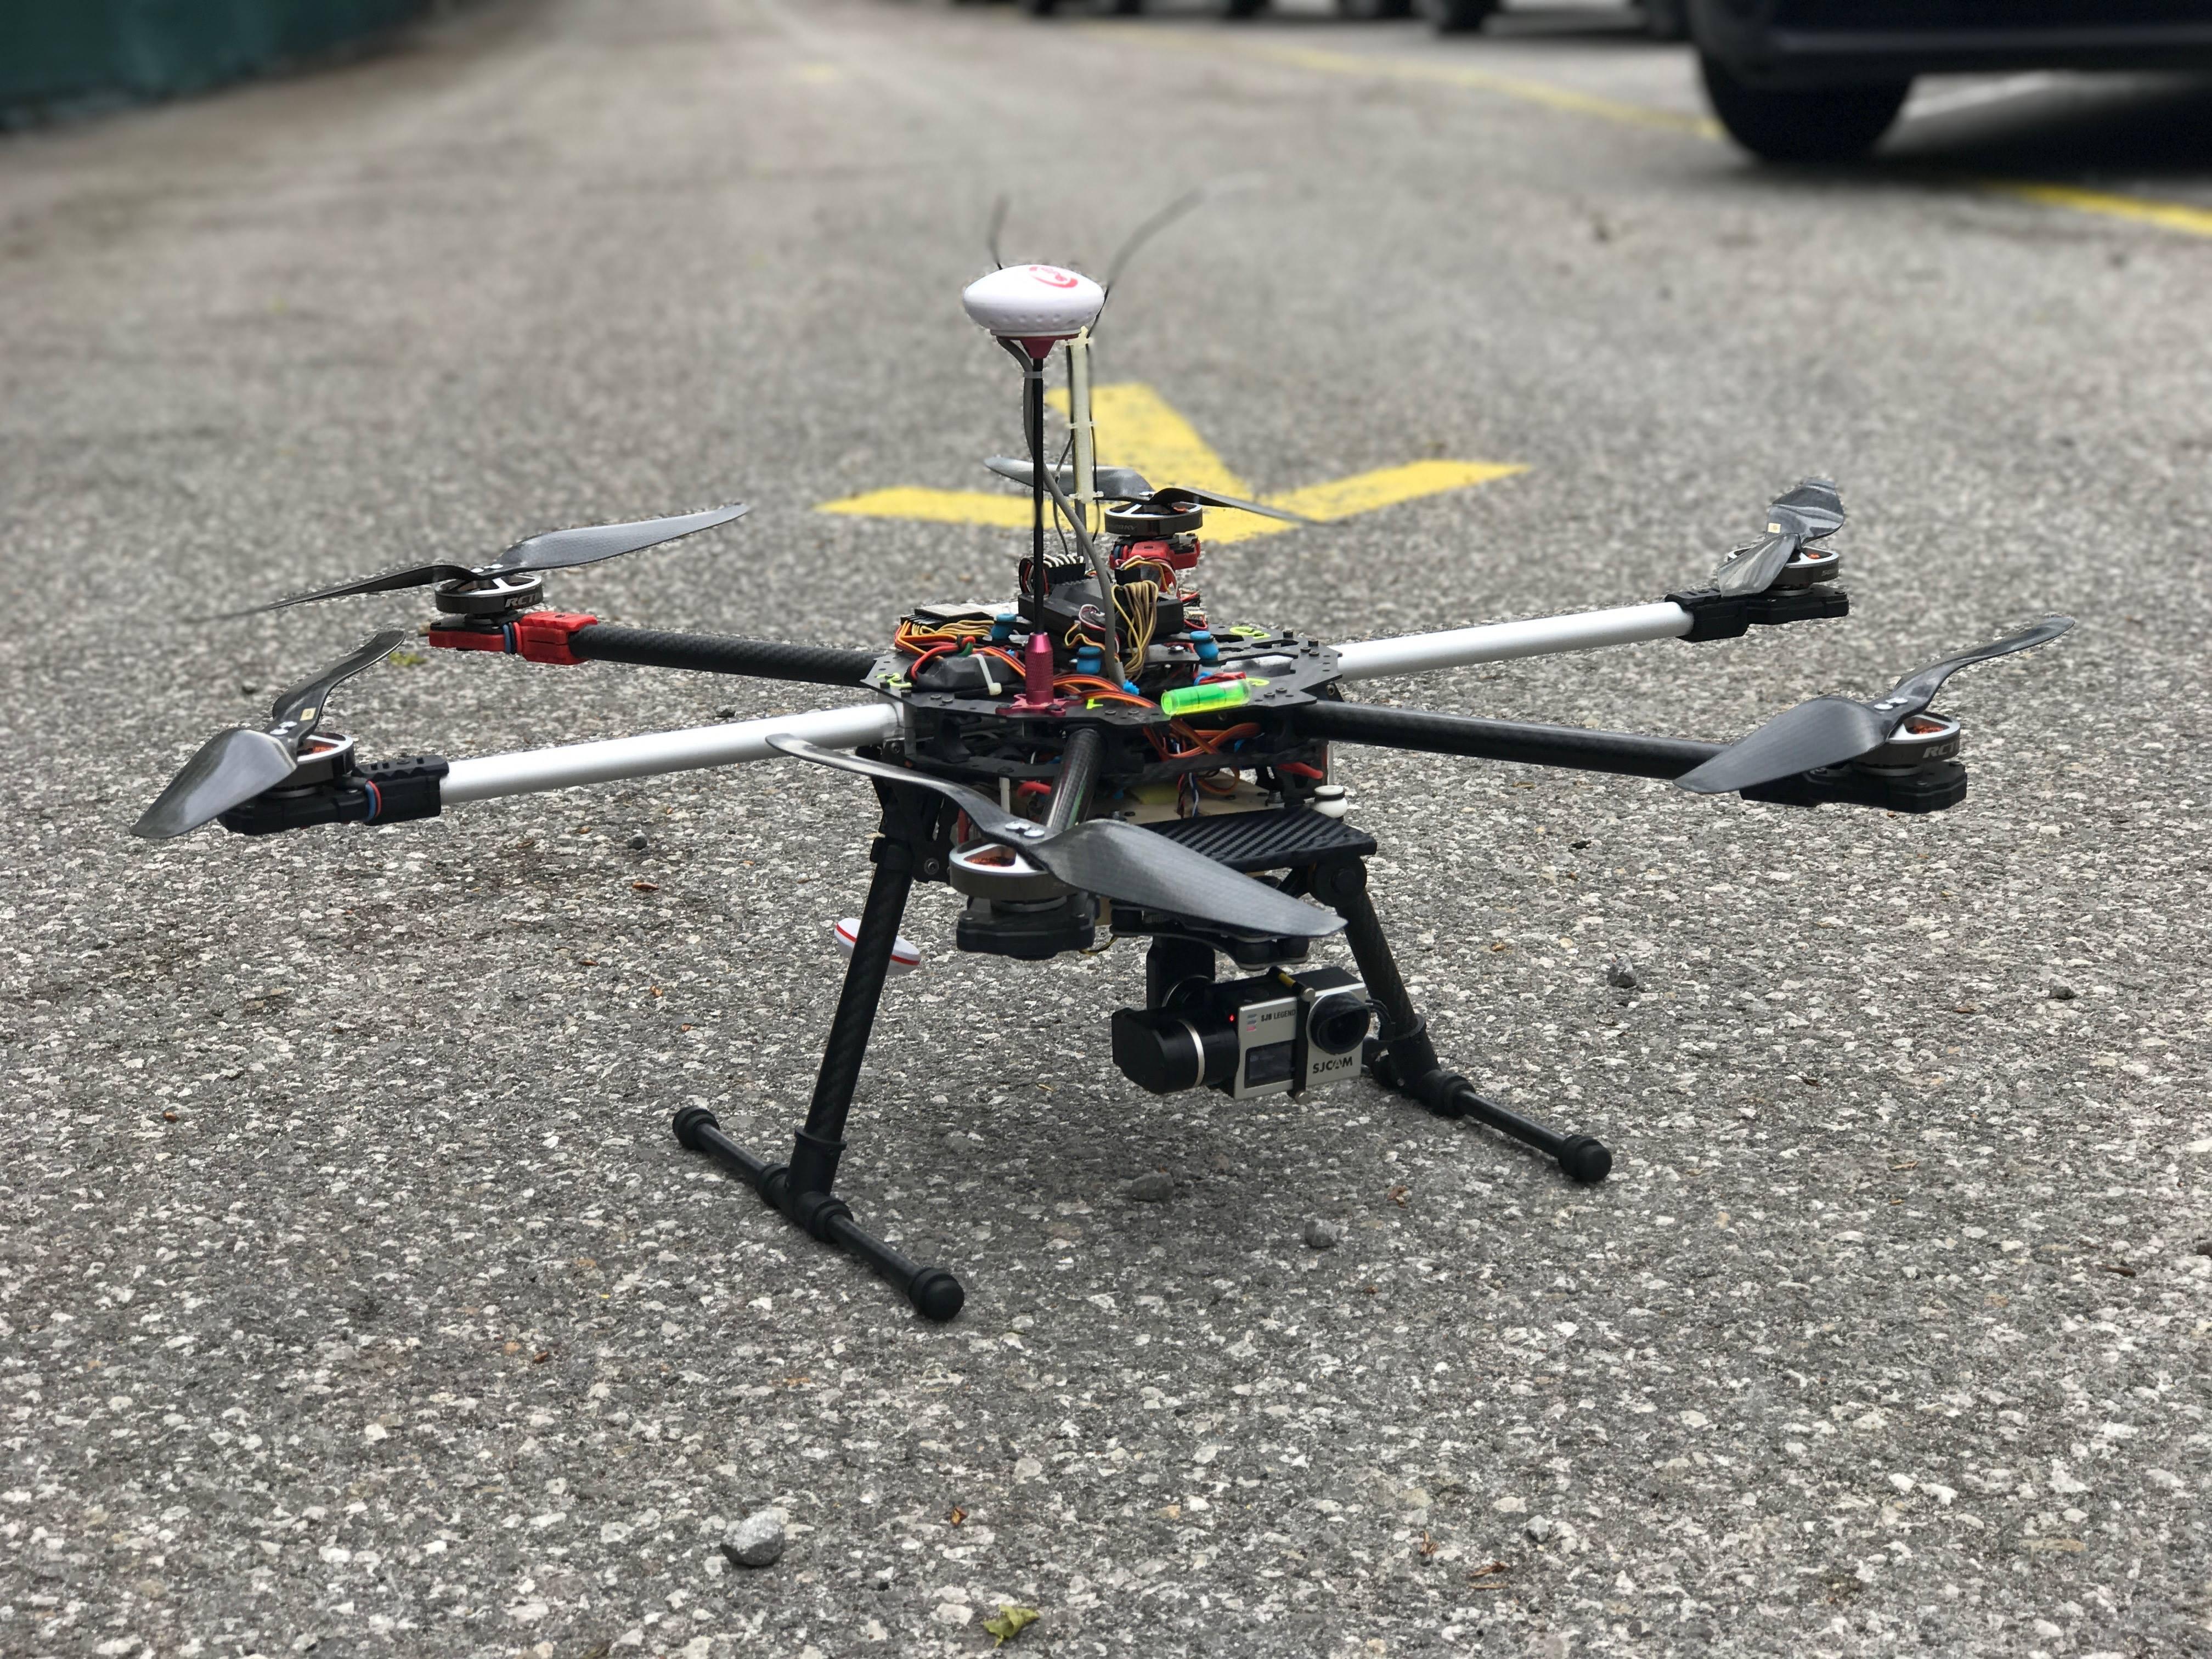 Нов закон въвежда глоби за полети с дрон без разрешение